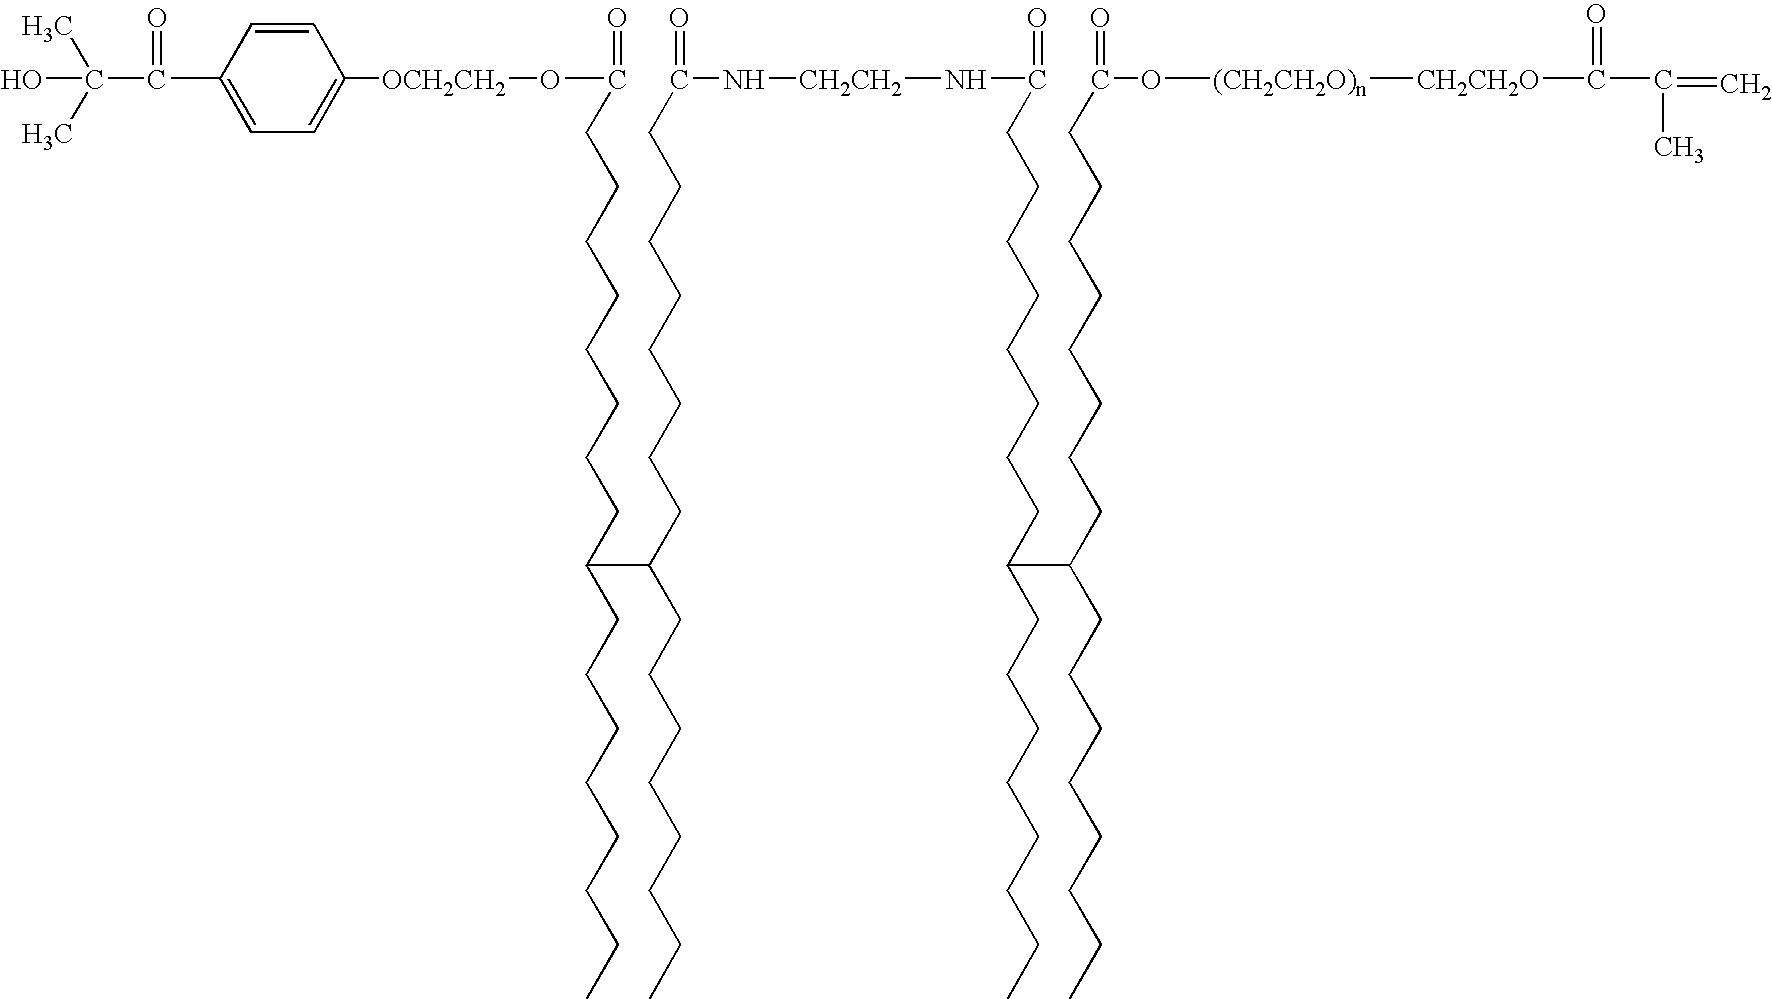 Figure US07279587-20071009-C00078